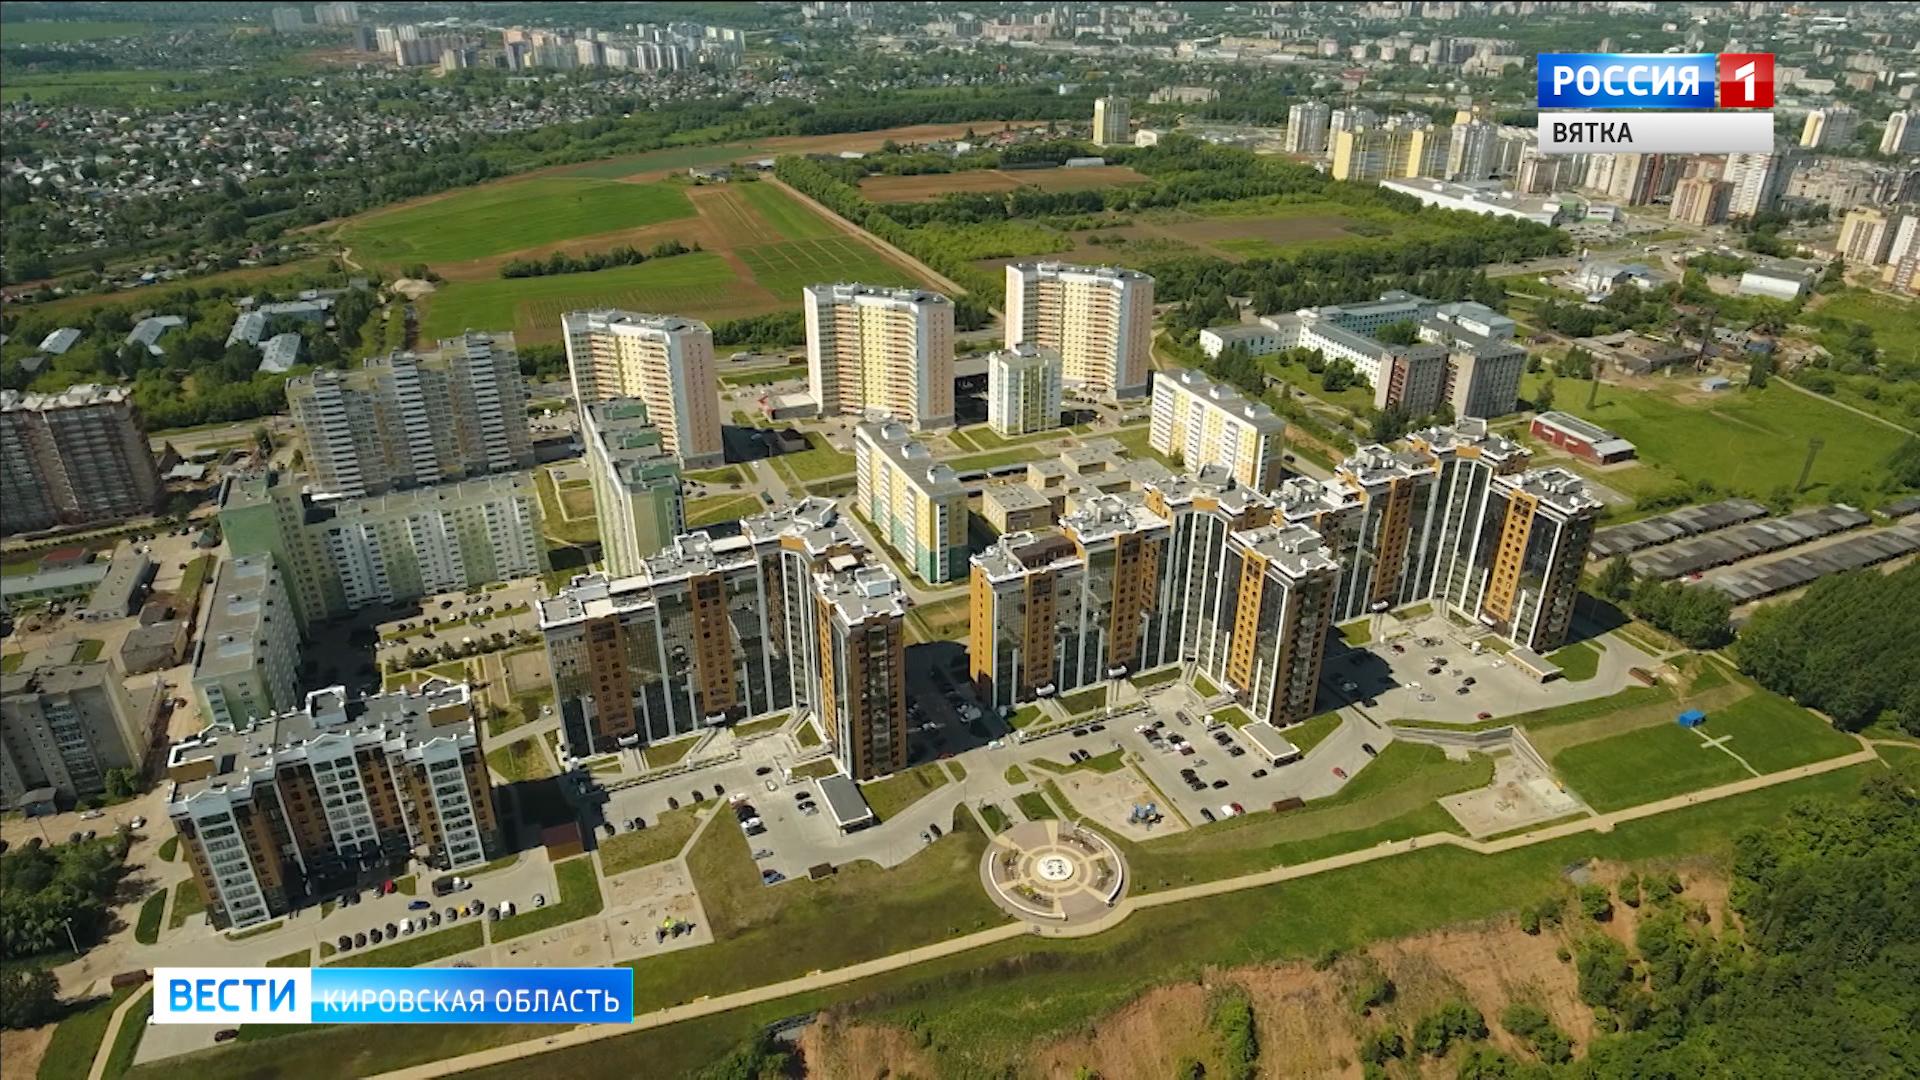 Госжилинспекция проверила готовность МКД Кирова к отопительному сезону